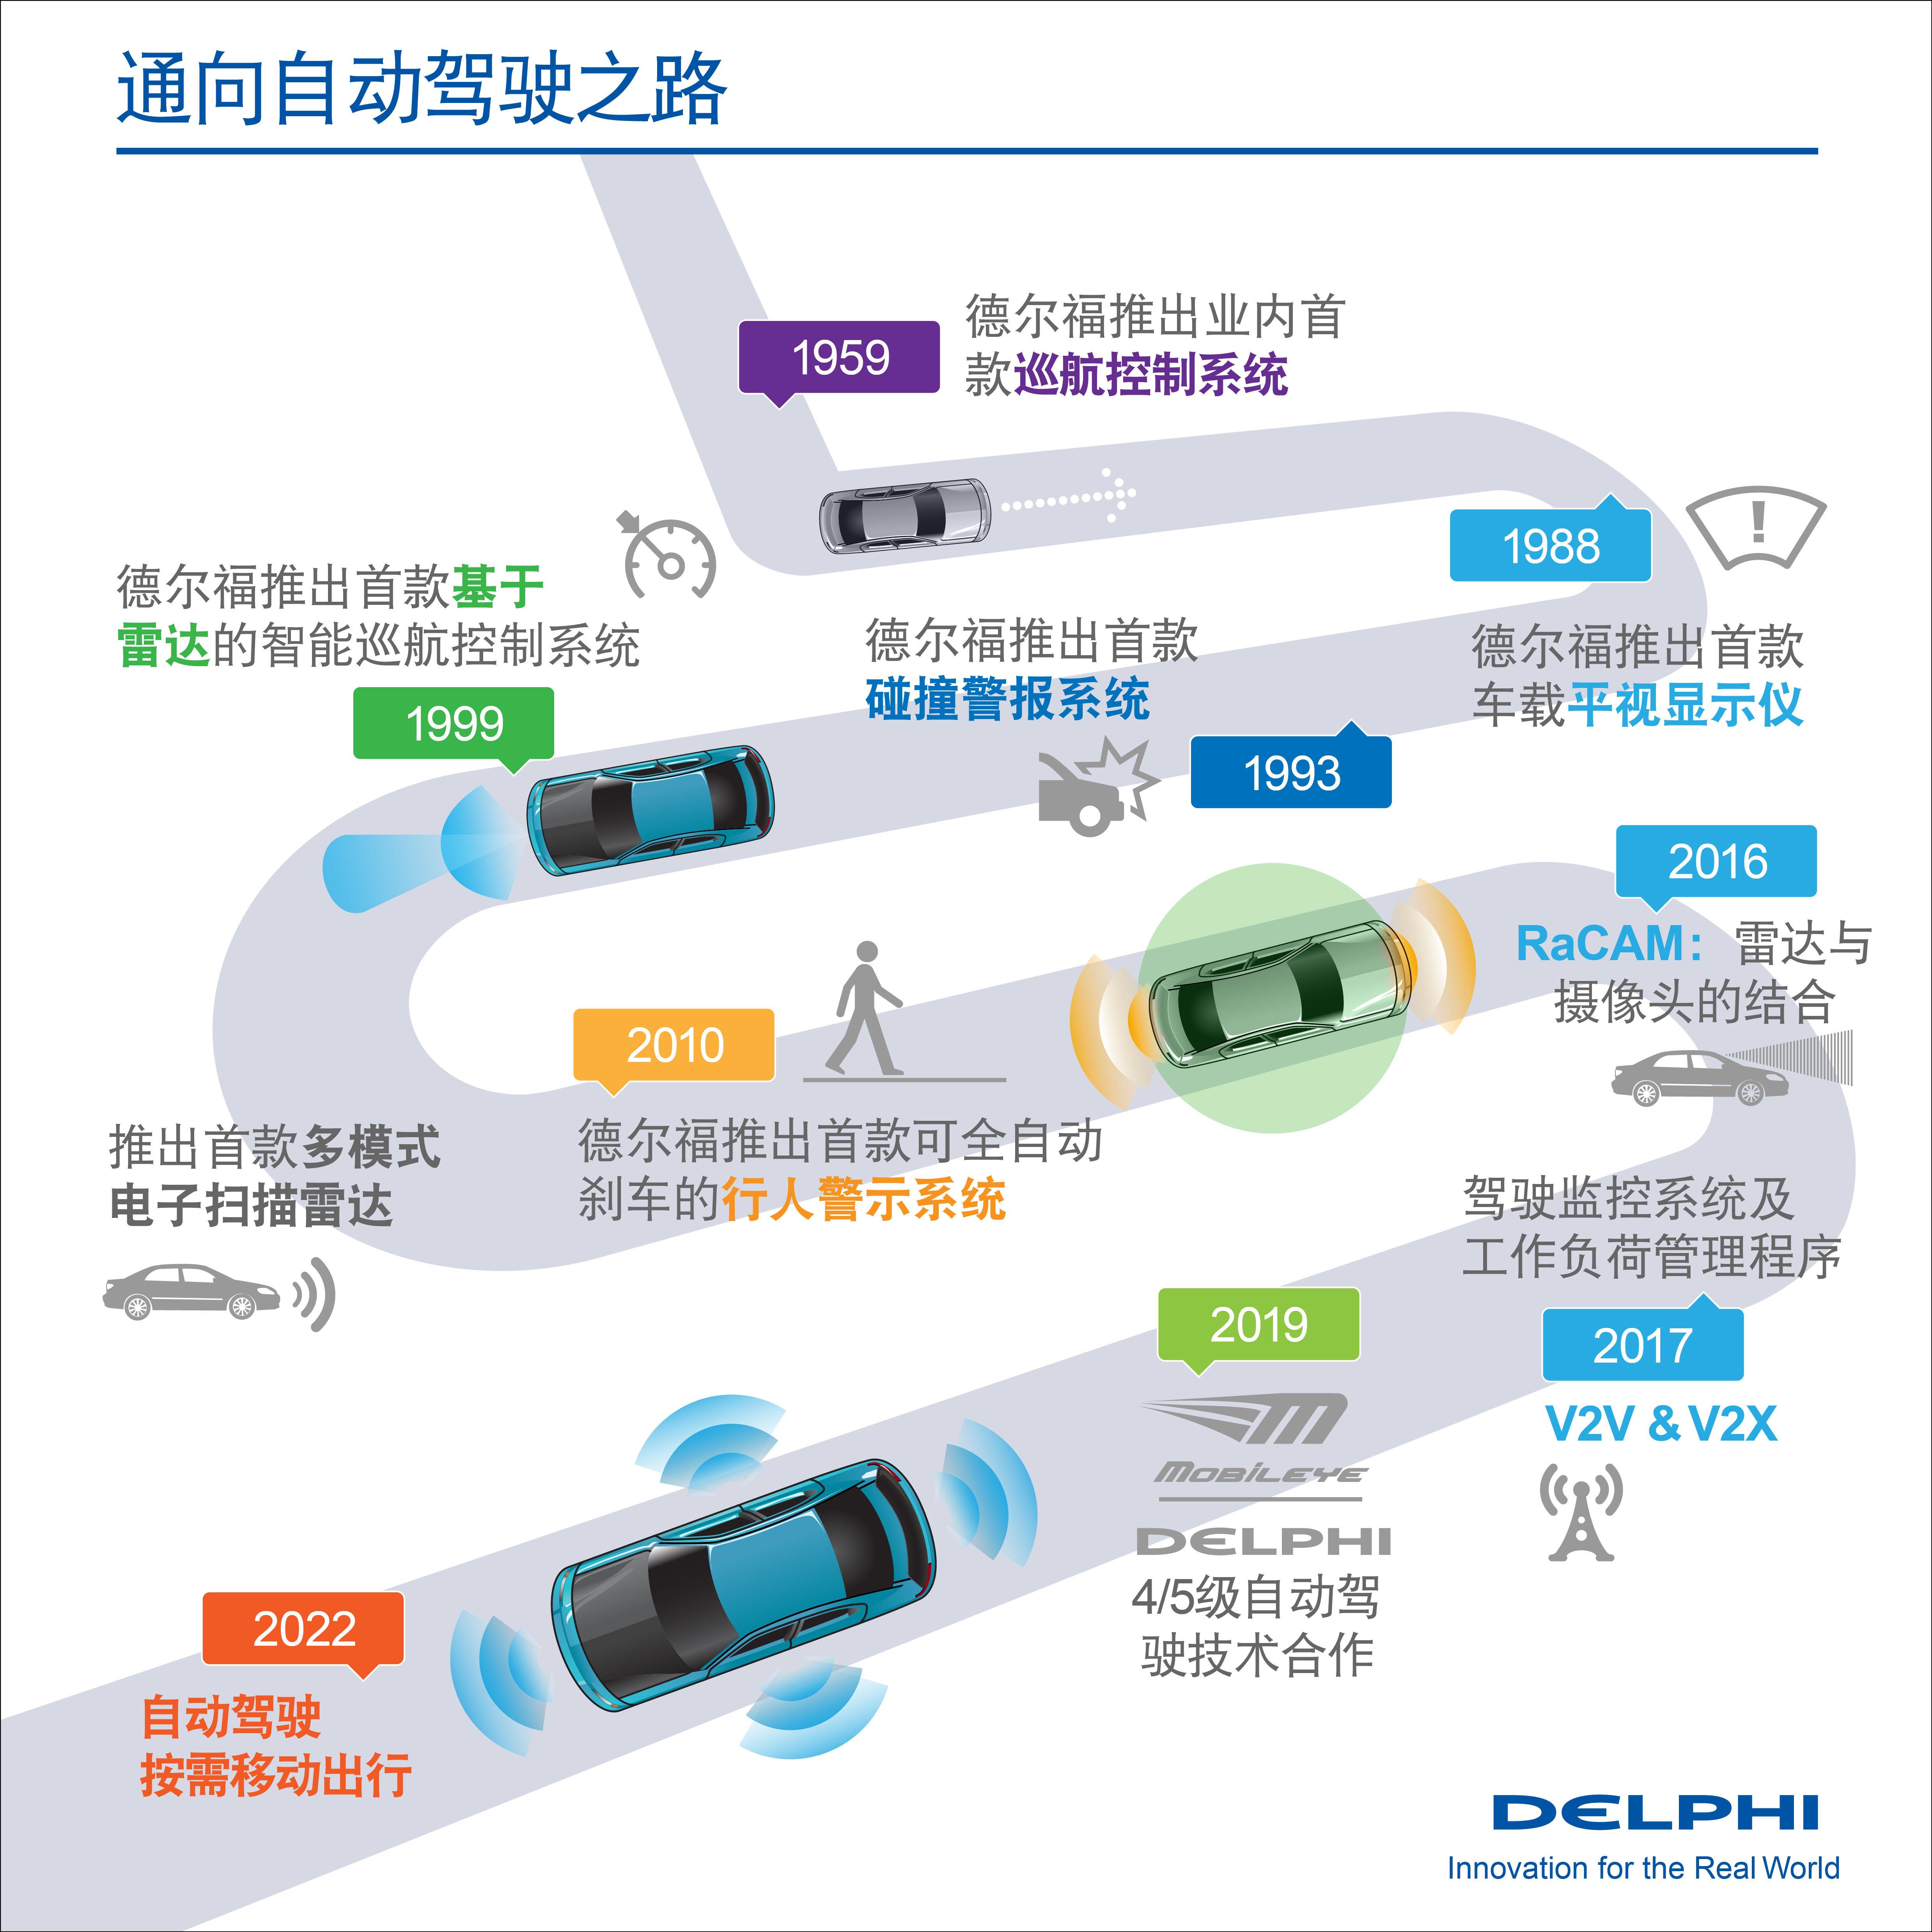 德尔福在自动驾驶技术上做了什么 它真的比互联网公司更懂算法比汽车厂商更懂汽车控制吗